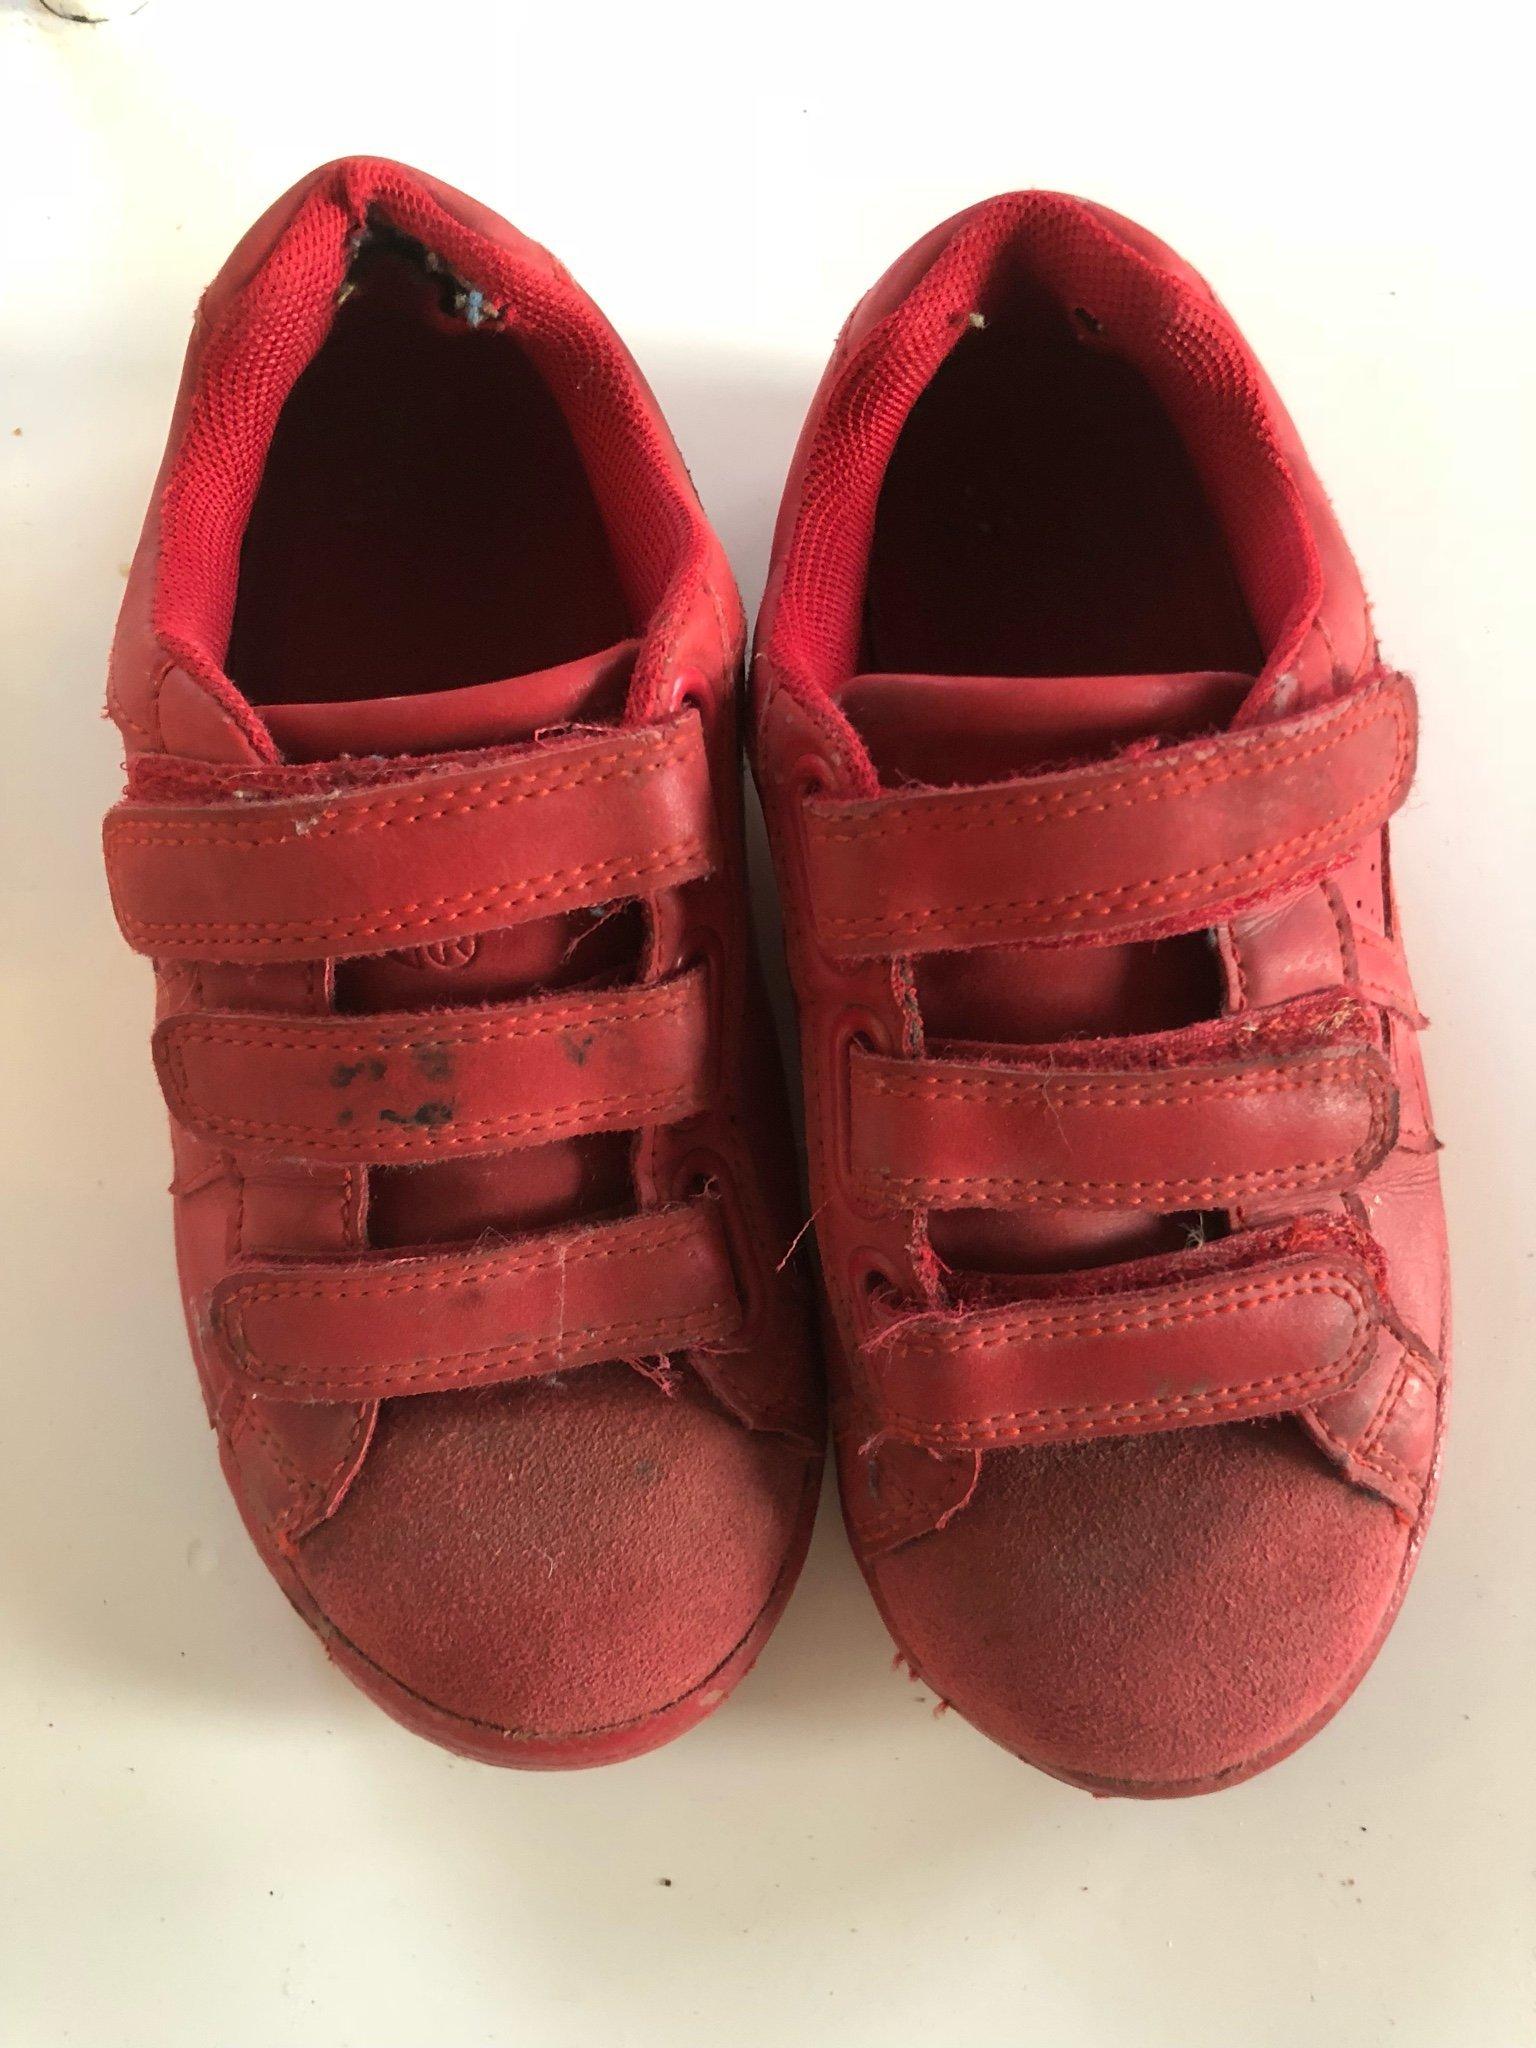 5308cfd845c Röda skor storlek 28 (353538853) ᐈ Köp på Tradera